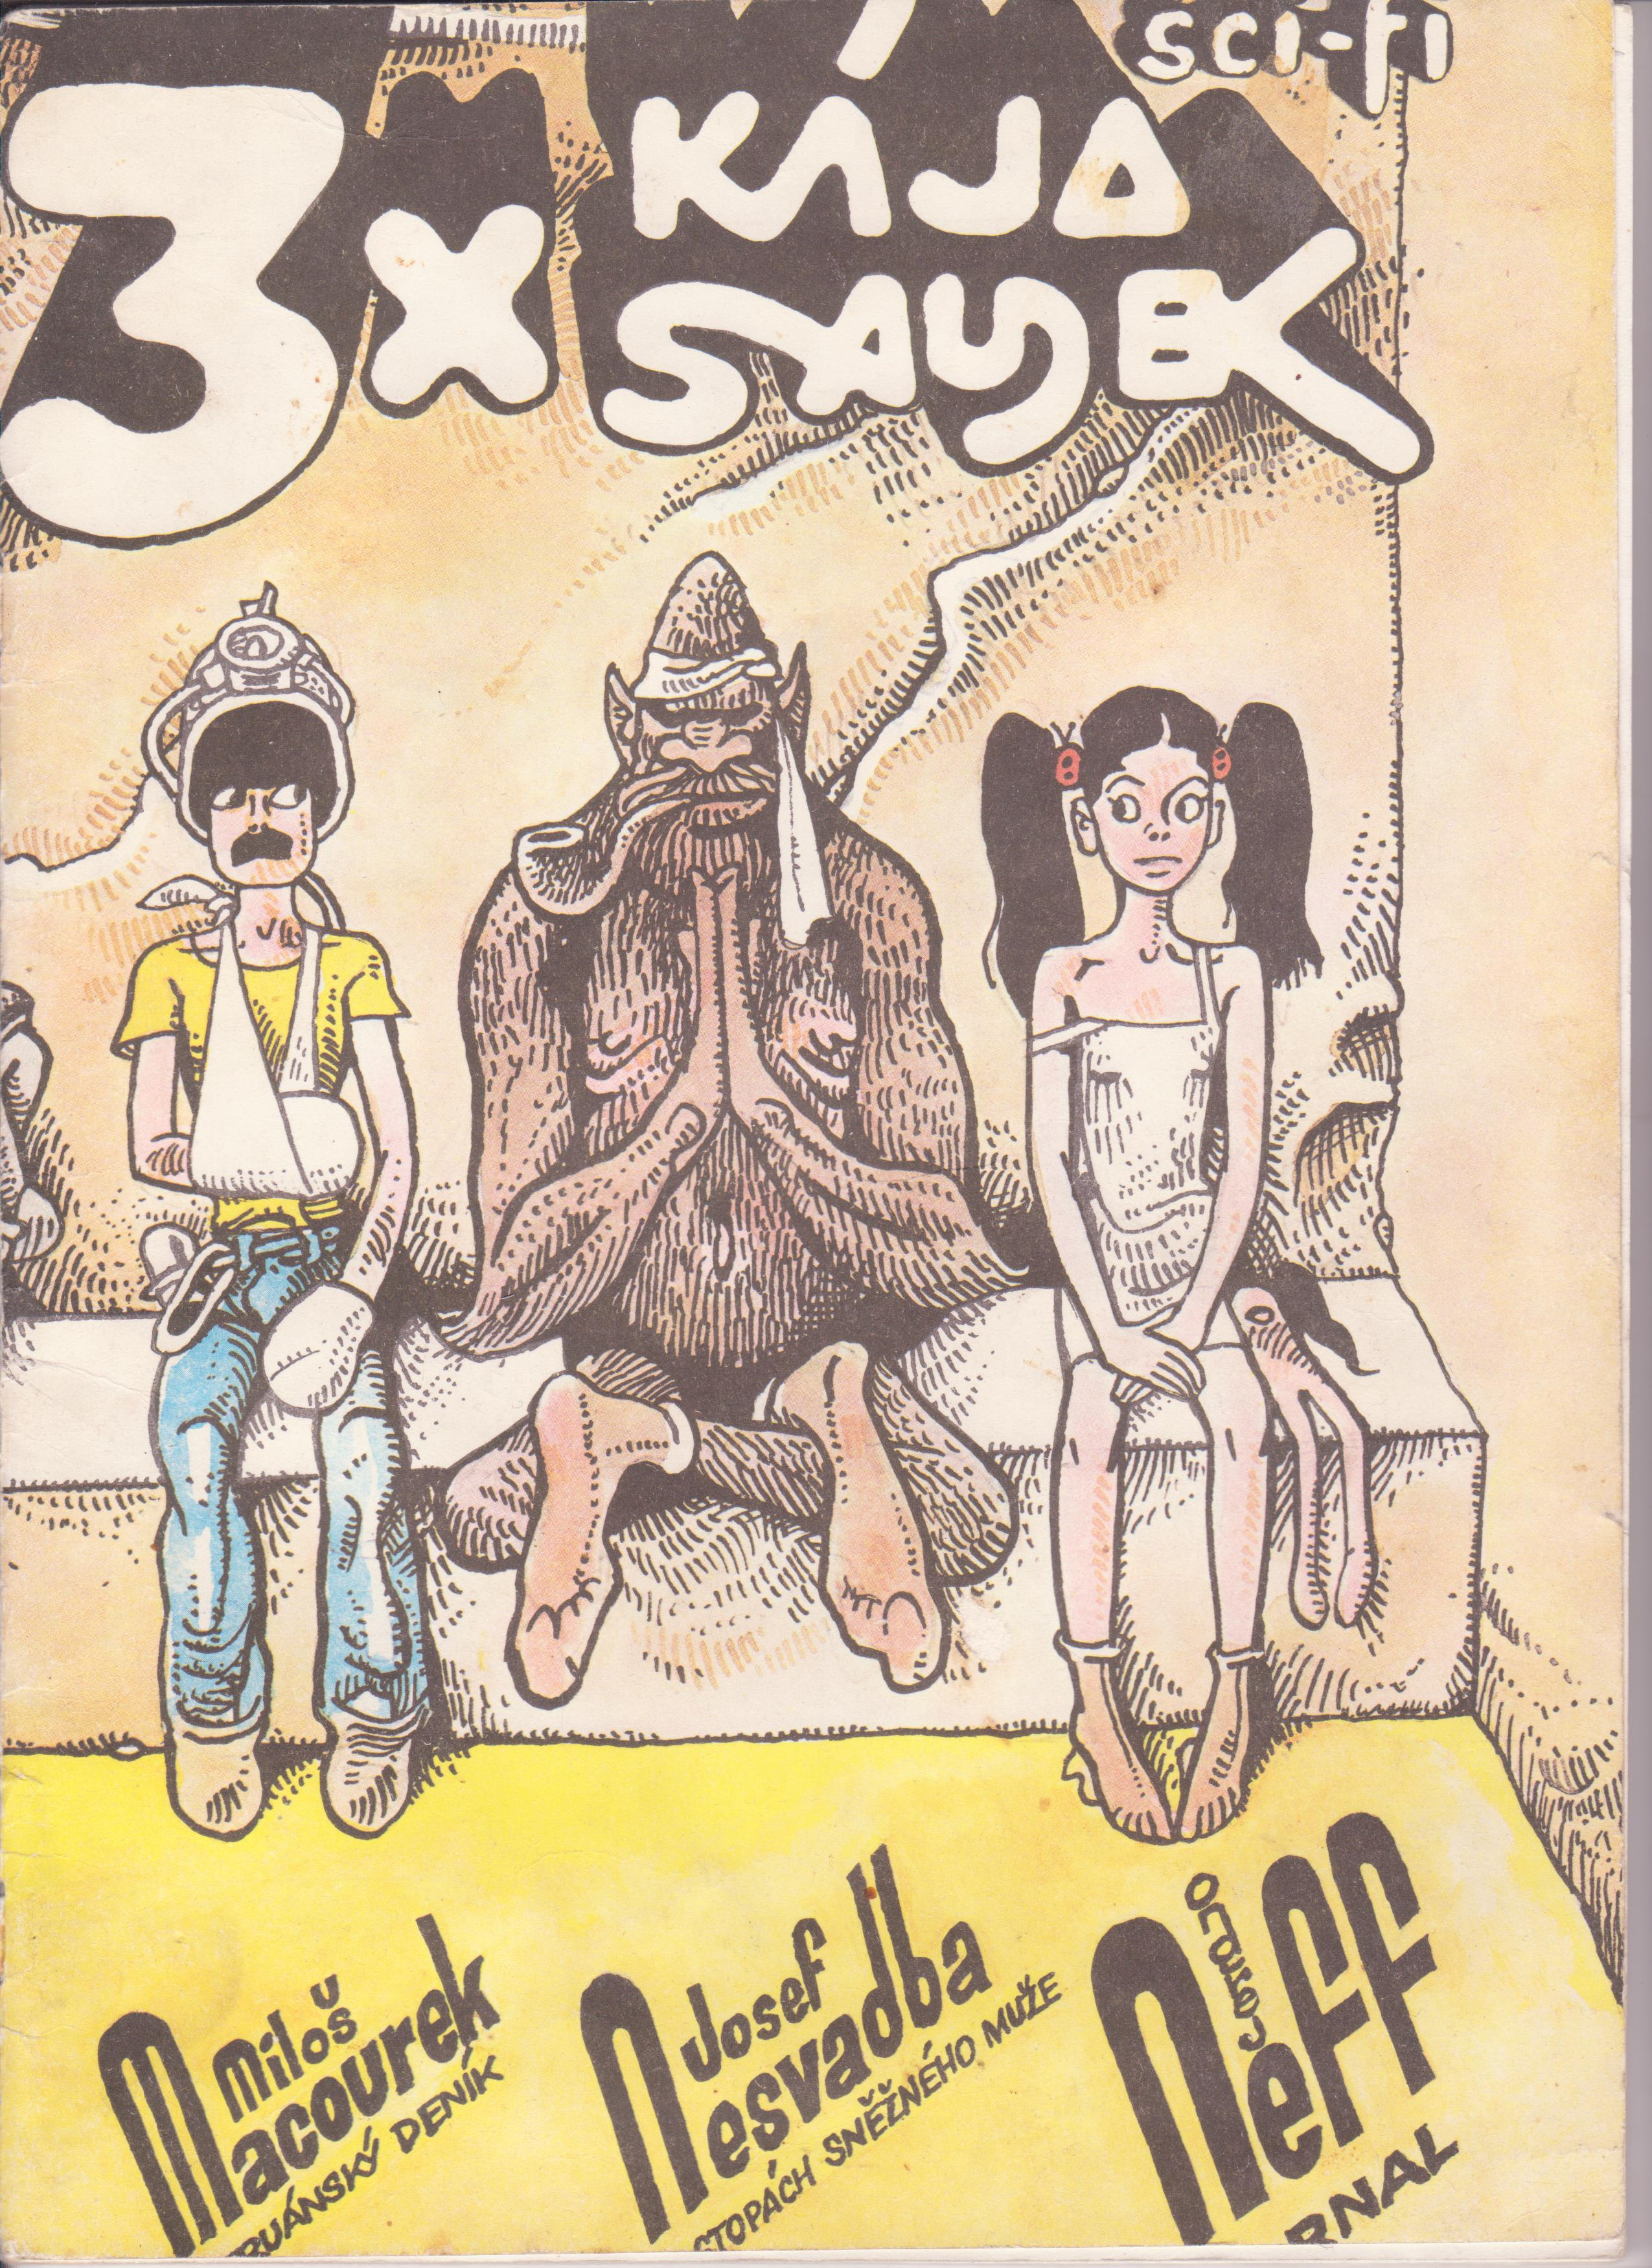 3x Kája Saudek. Peruánský deník, Arnal, Po stopách sněžného muže